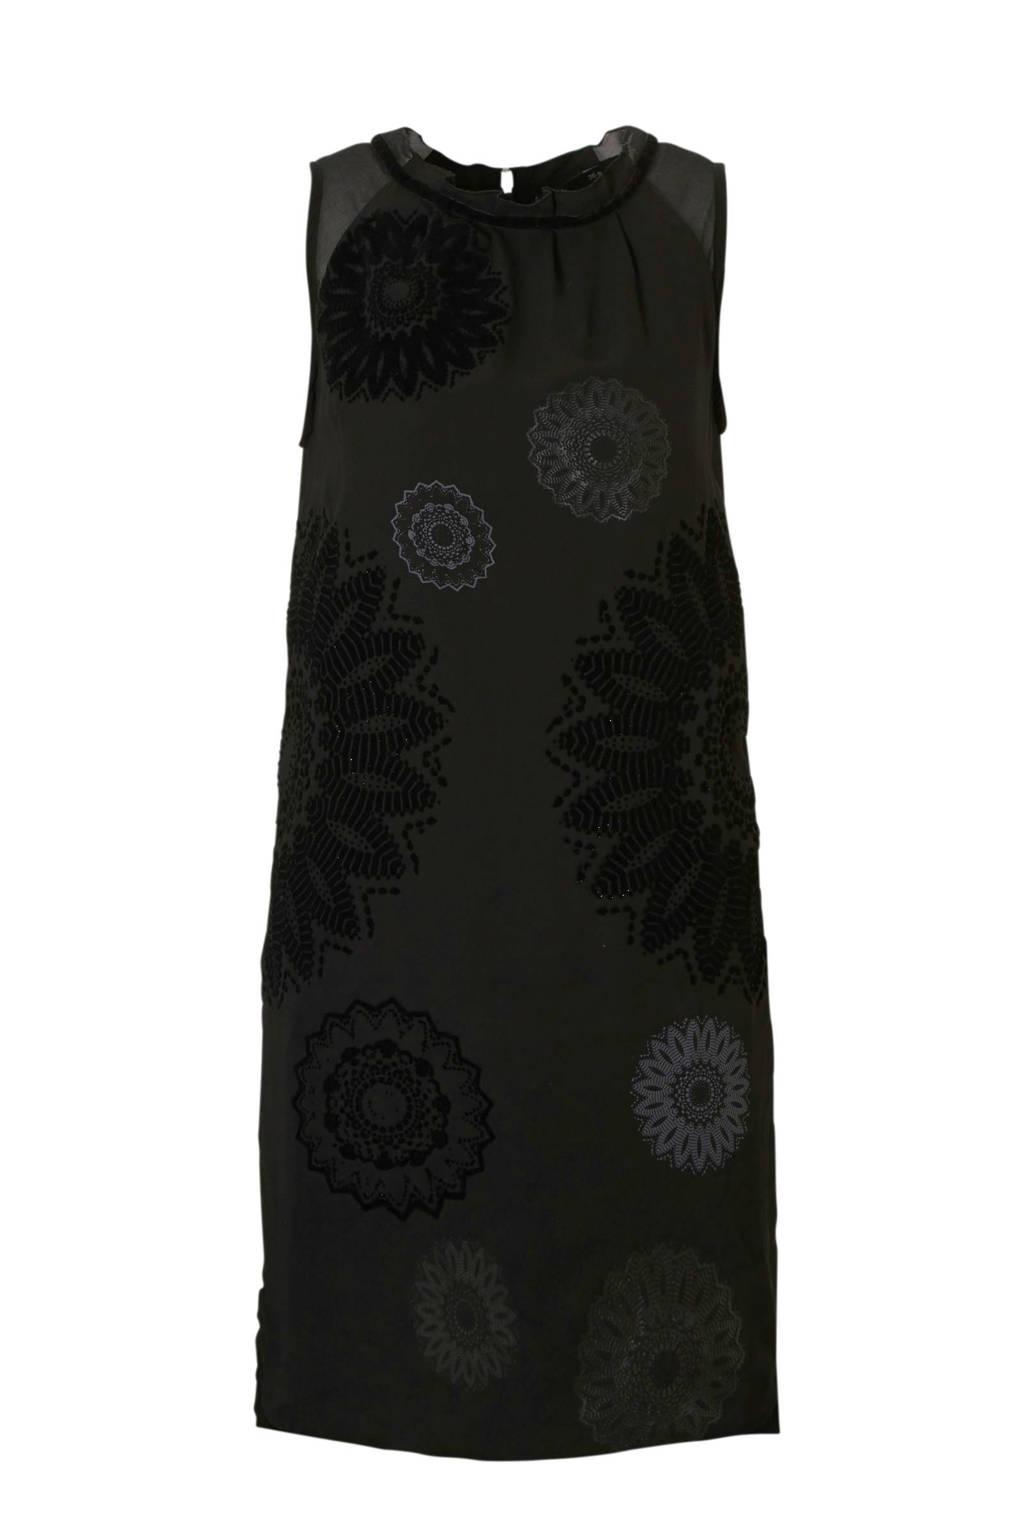 Desigual jurk met fluweel zwart, zwart/ grijs